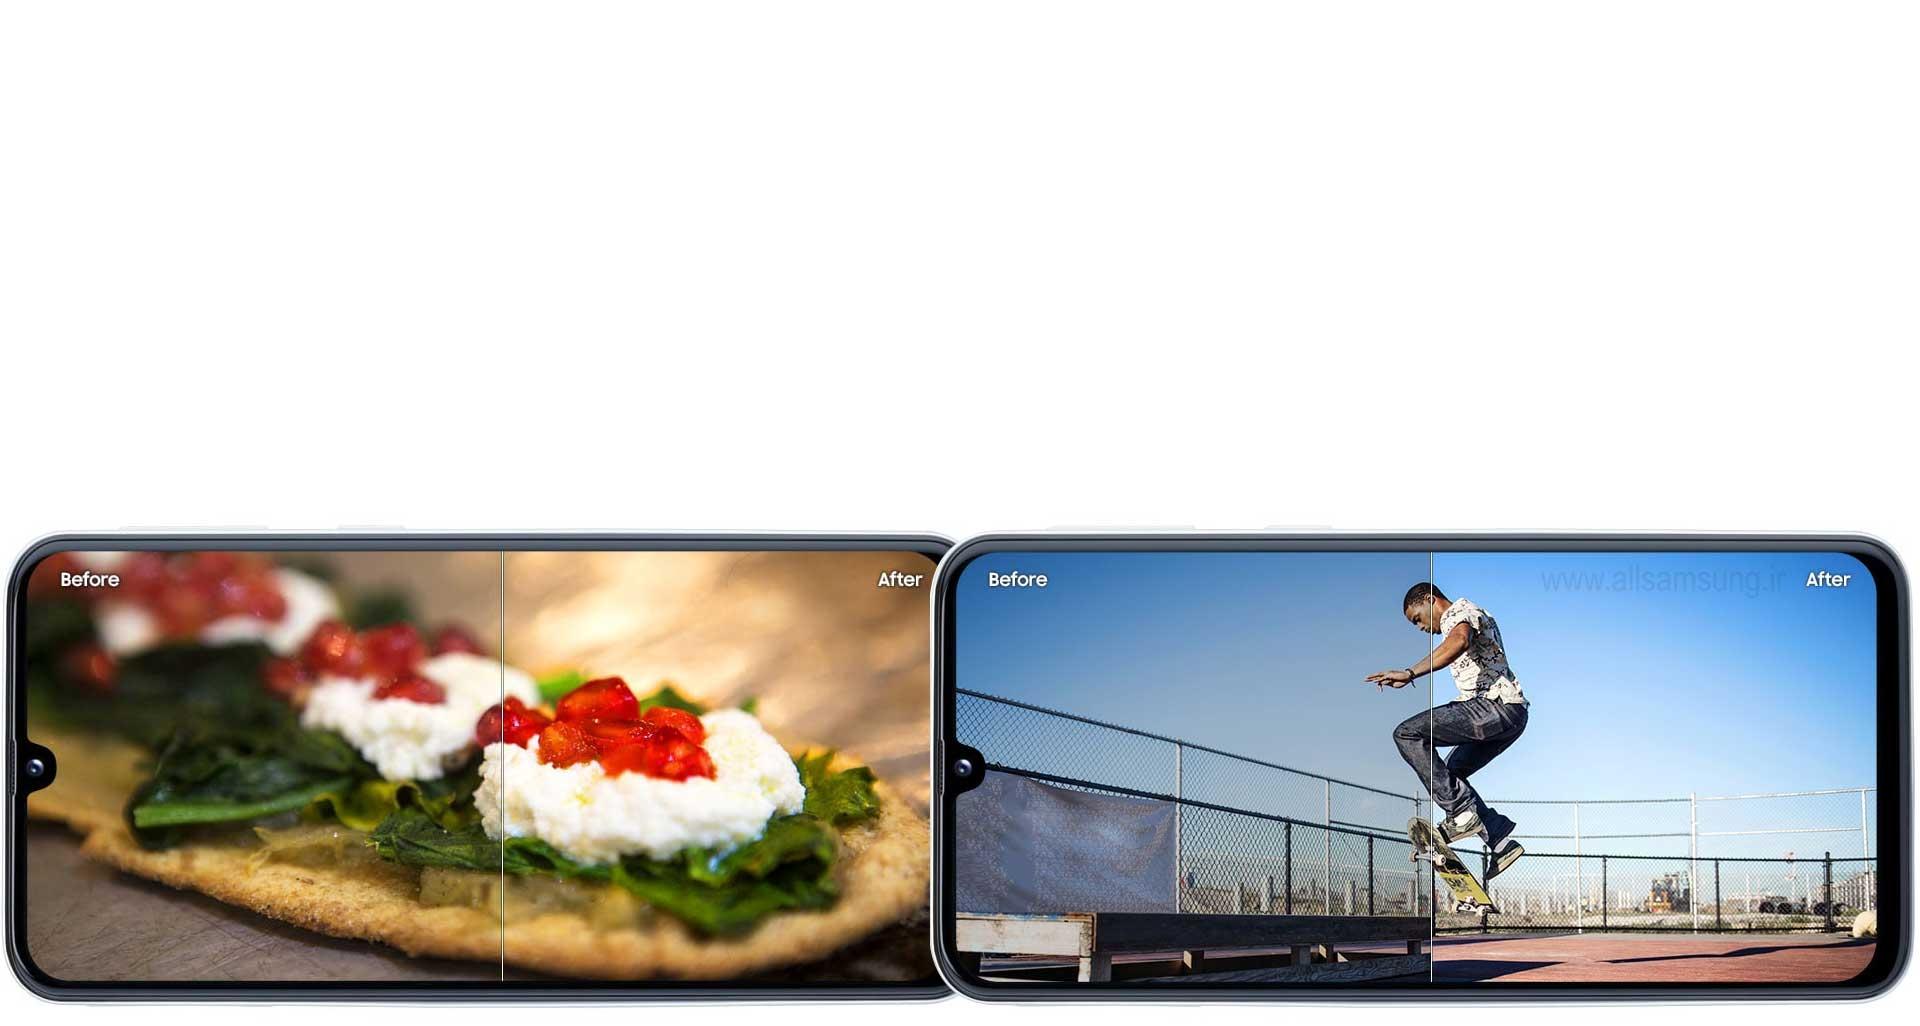 توسط گوشی A40 عکس های خود را با 19 حالت، بهینه سازی کنید